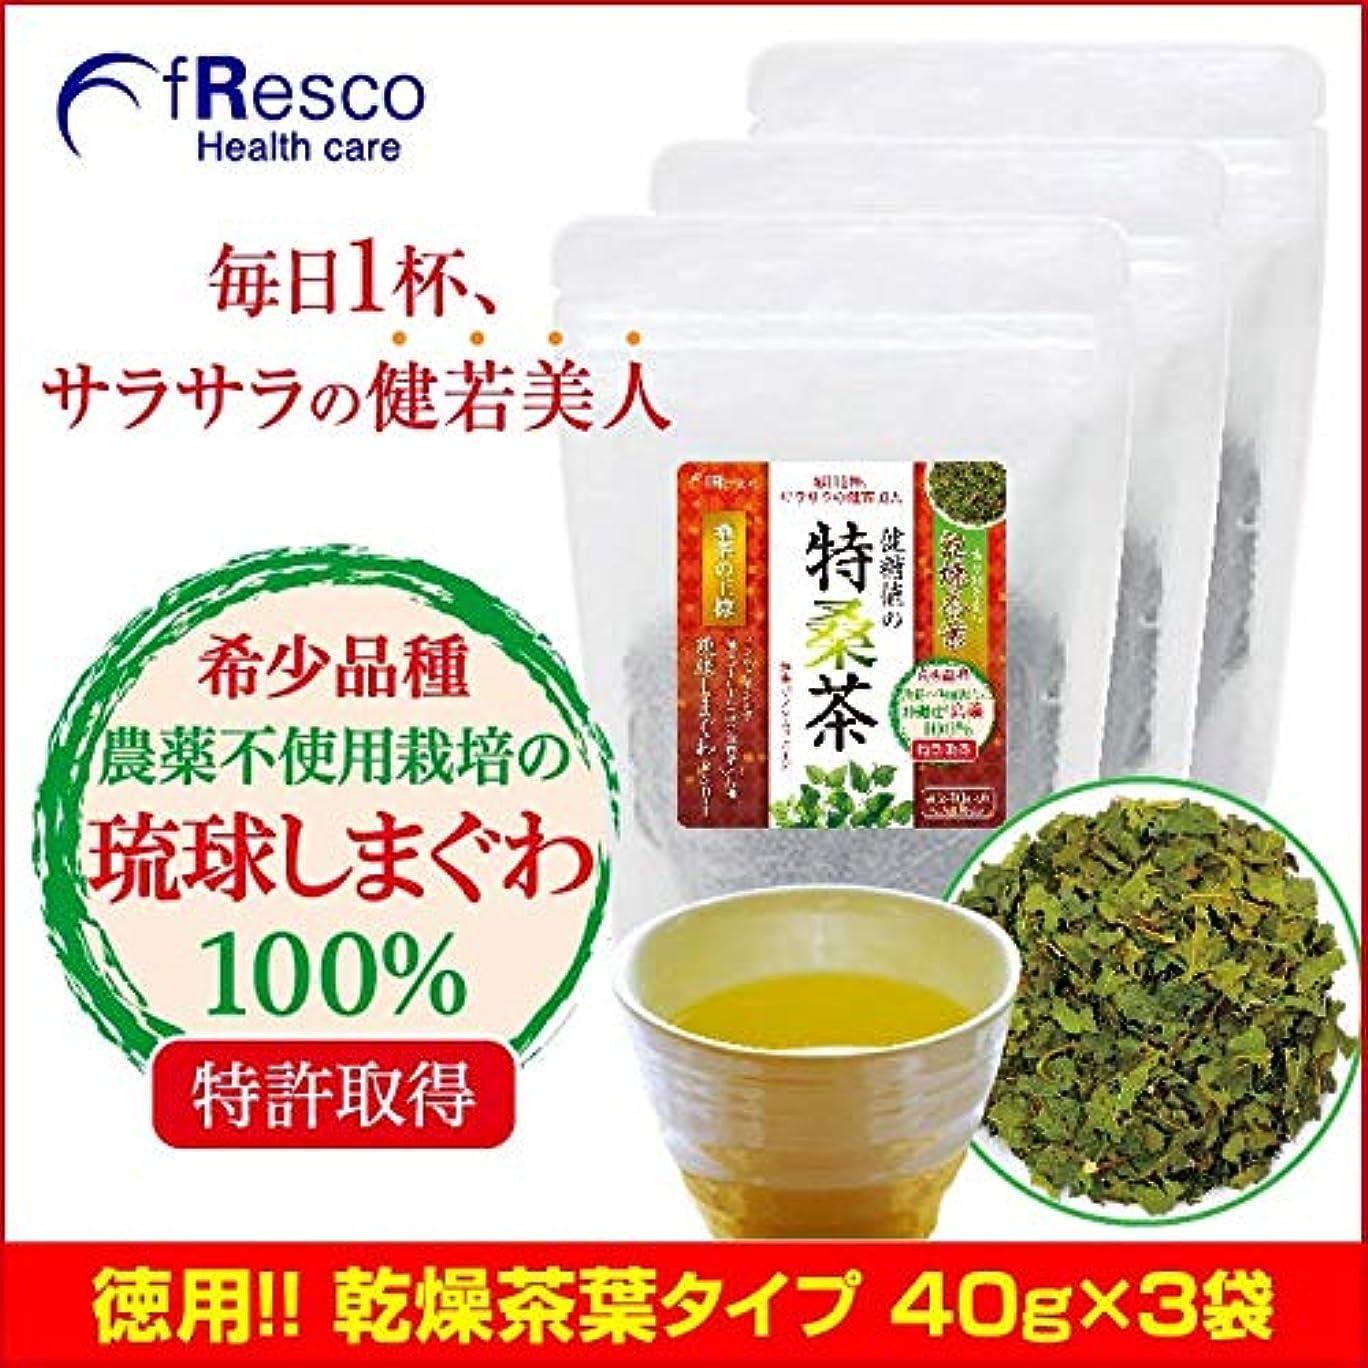 カポック講師奴隷琉球しまぐわ 健糖値の特桑茶 乾燥茶葉40g 90日分(3個セット)